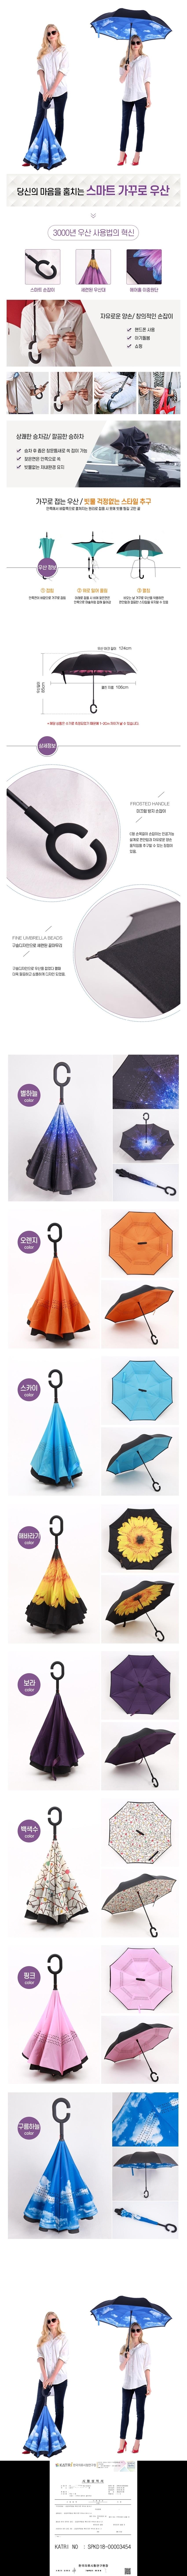 거꾸로 장우산 골프 우산 - 중국OEM, 18,000원, 우산, 수동장우산